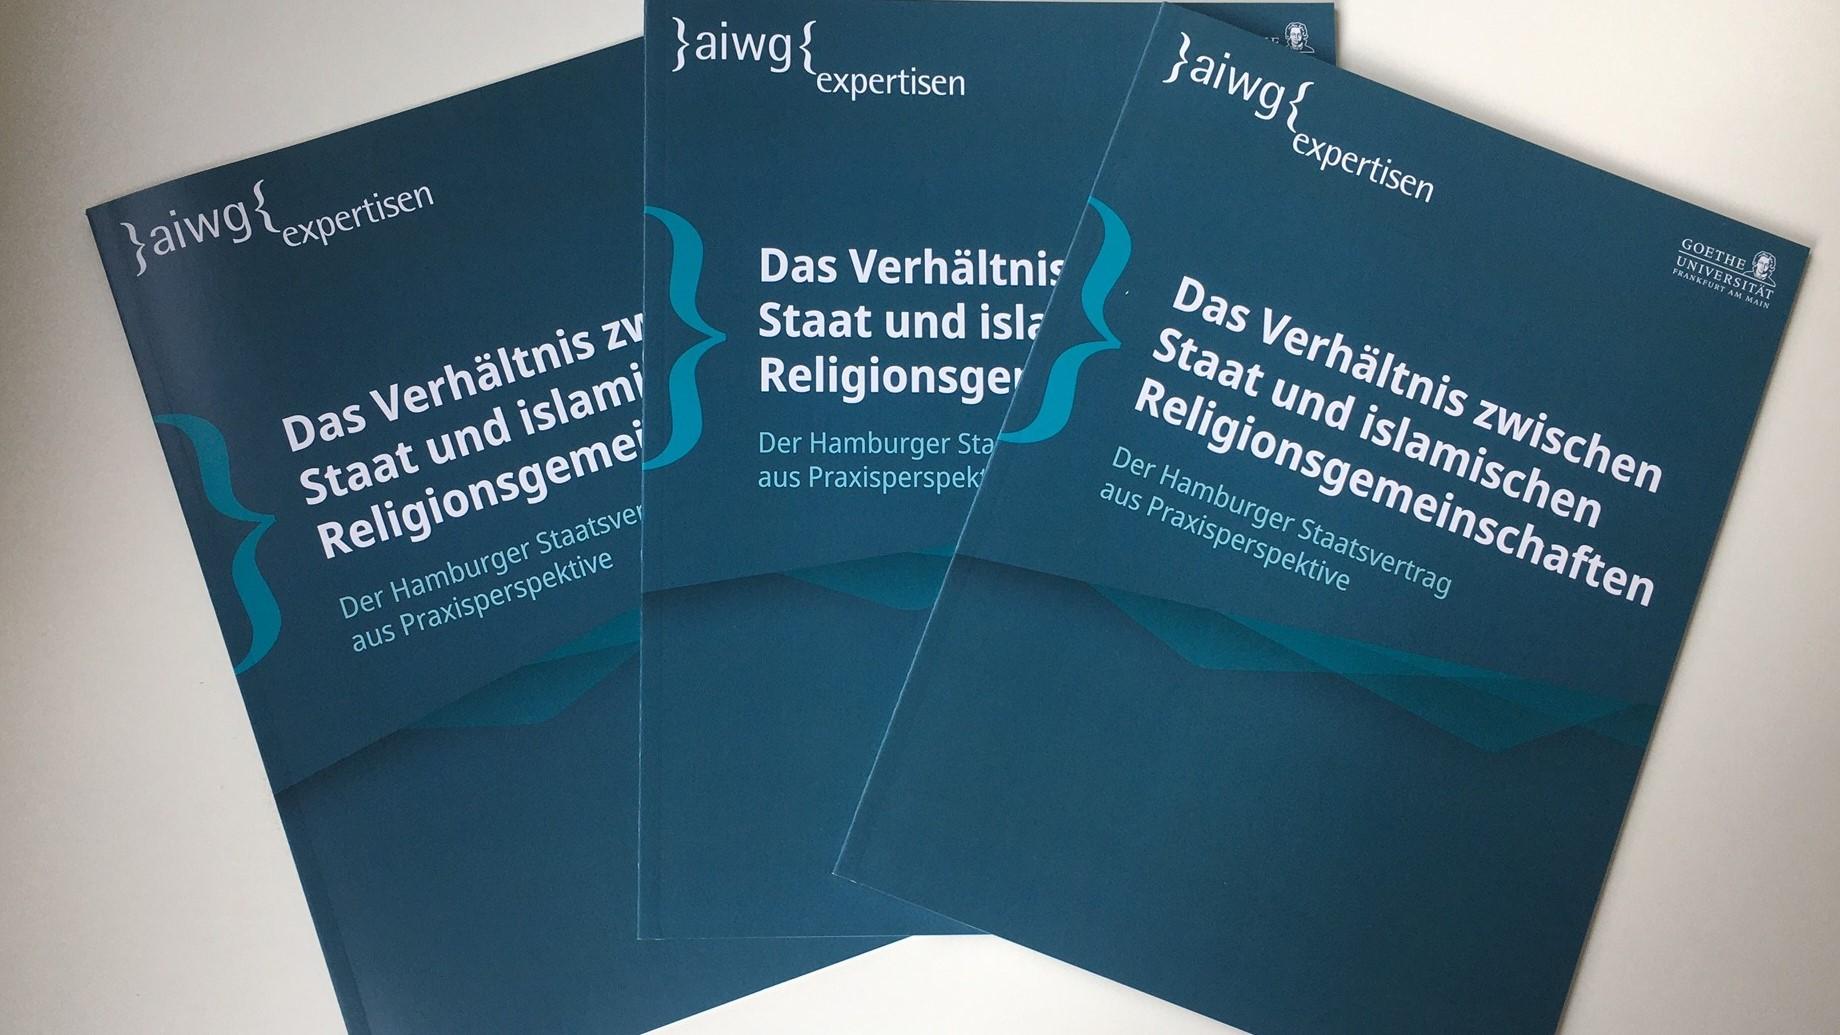 AIWG veröffentlicht Expertise zum Staatsvertrag in Hamburg